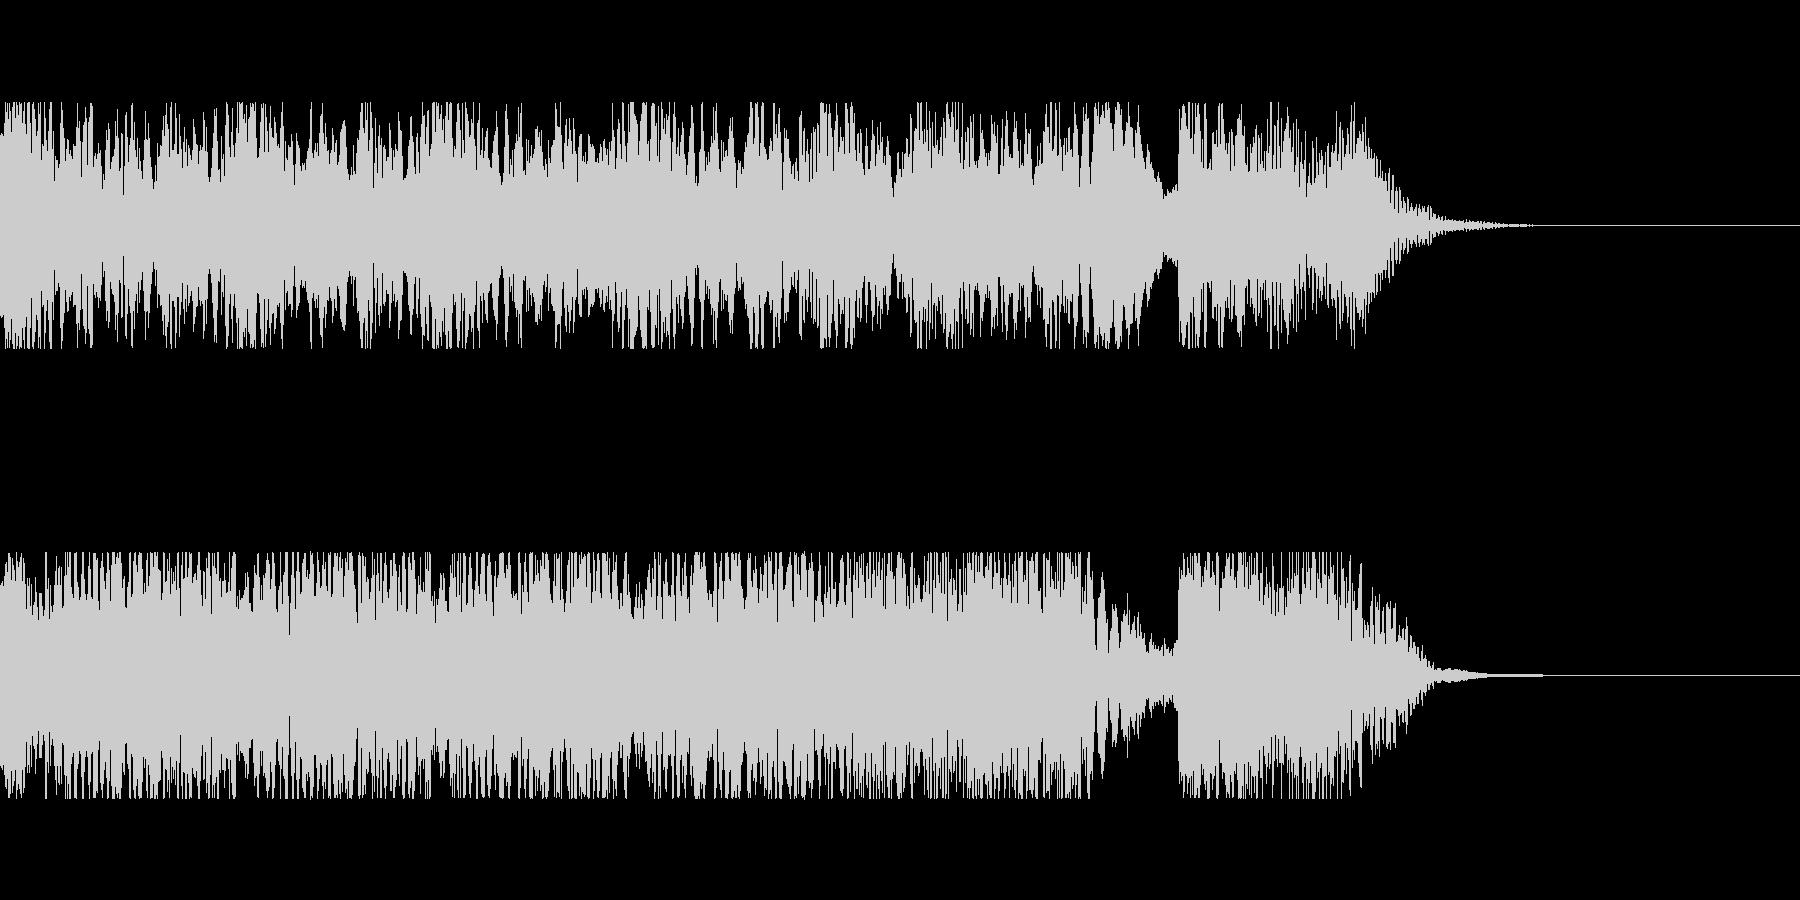 発車メロディ4の未再生の波形